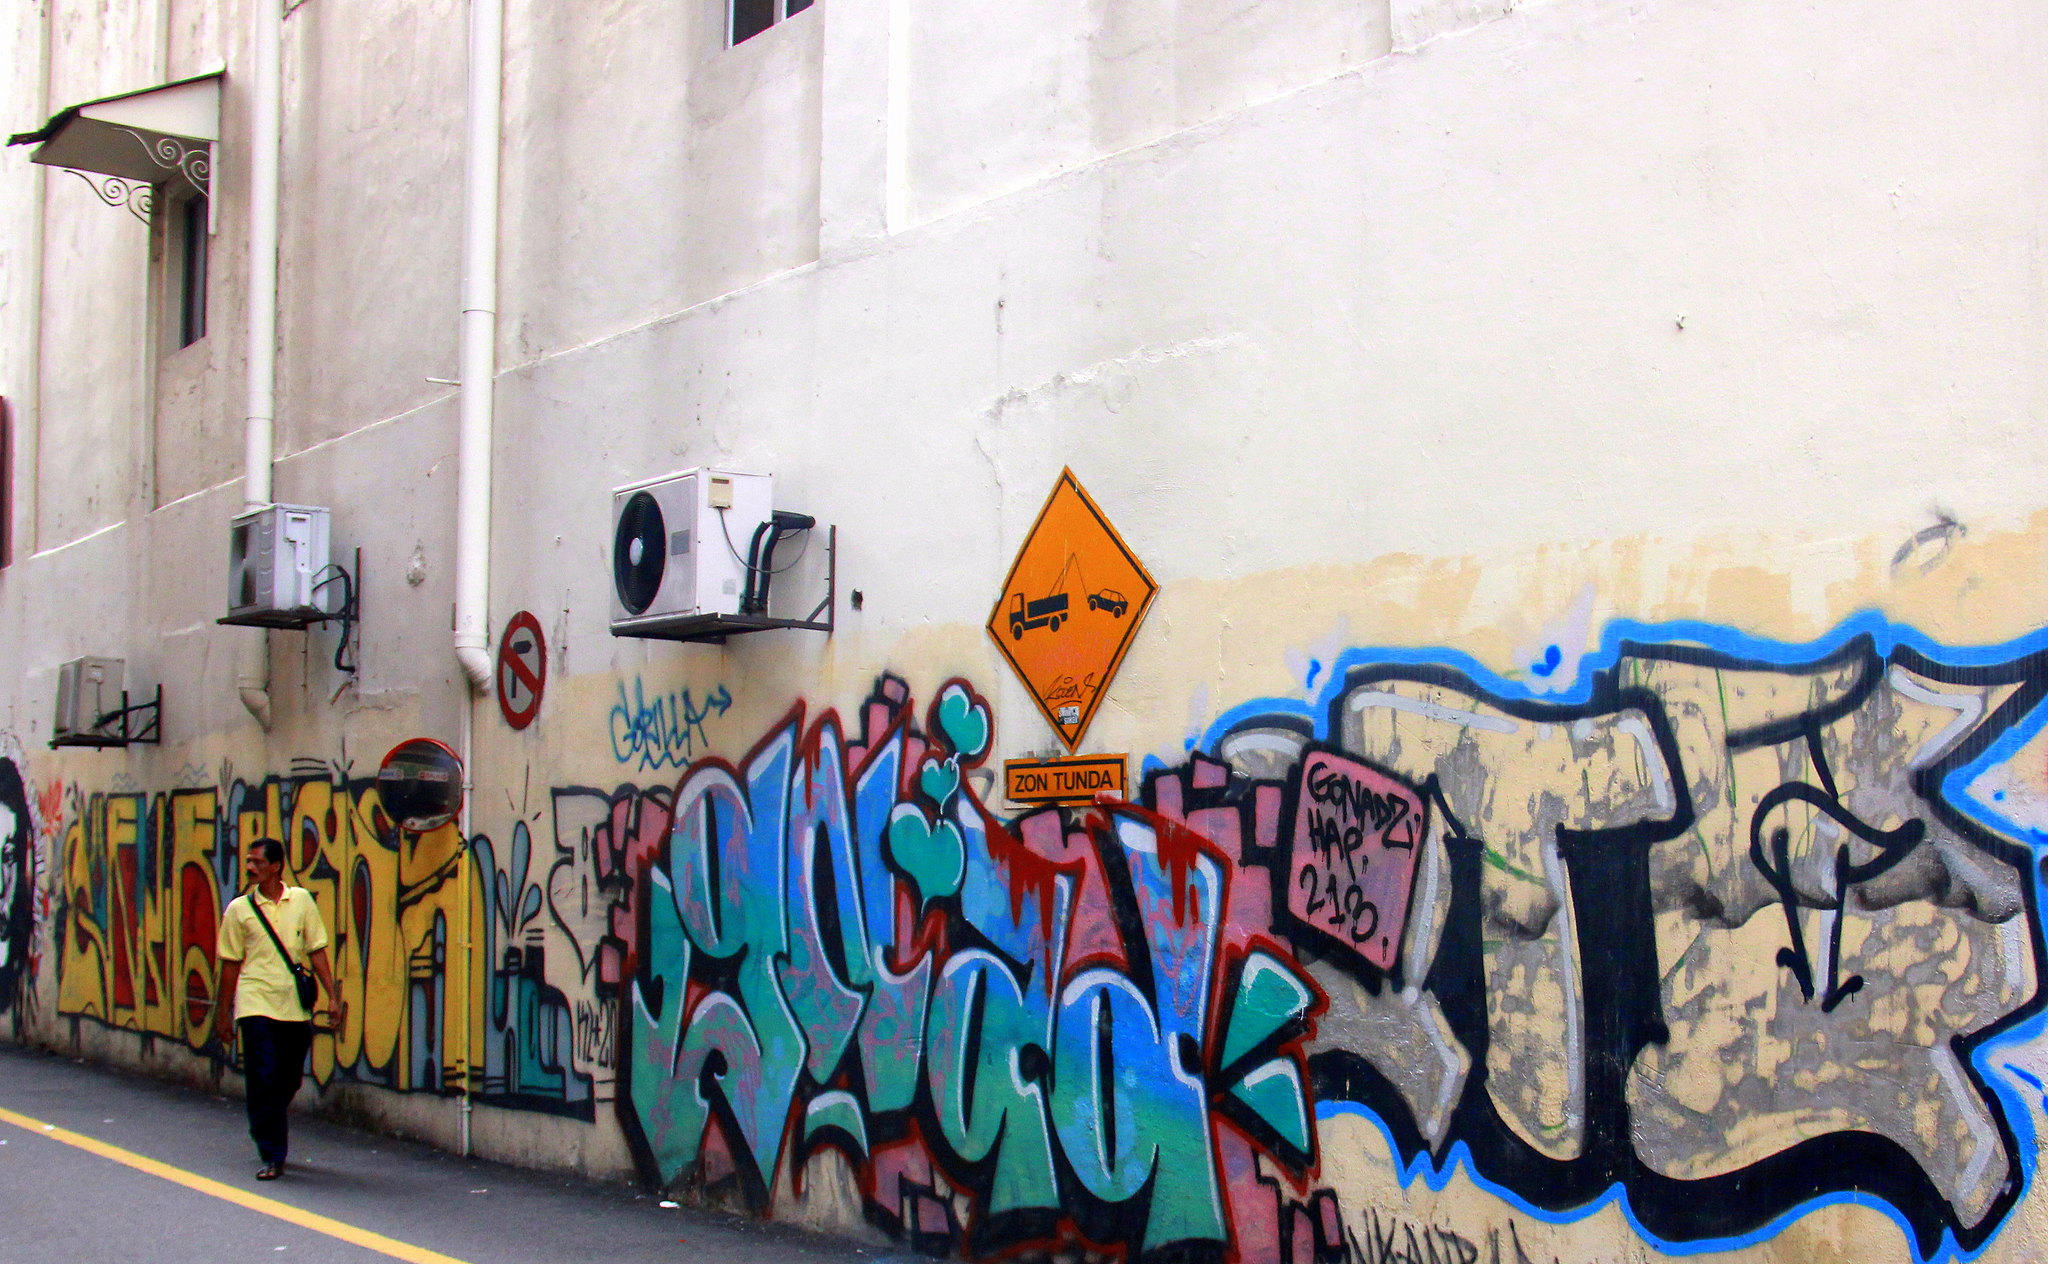 Street art in Kuala Lumpur